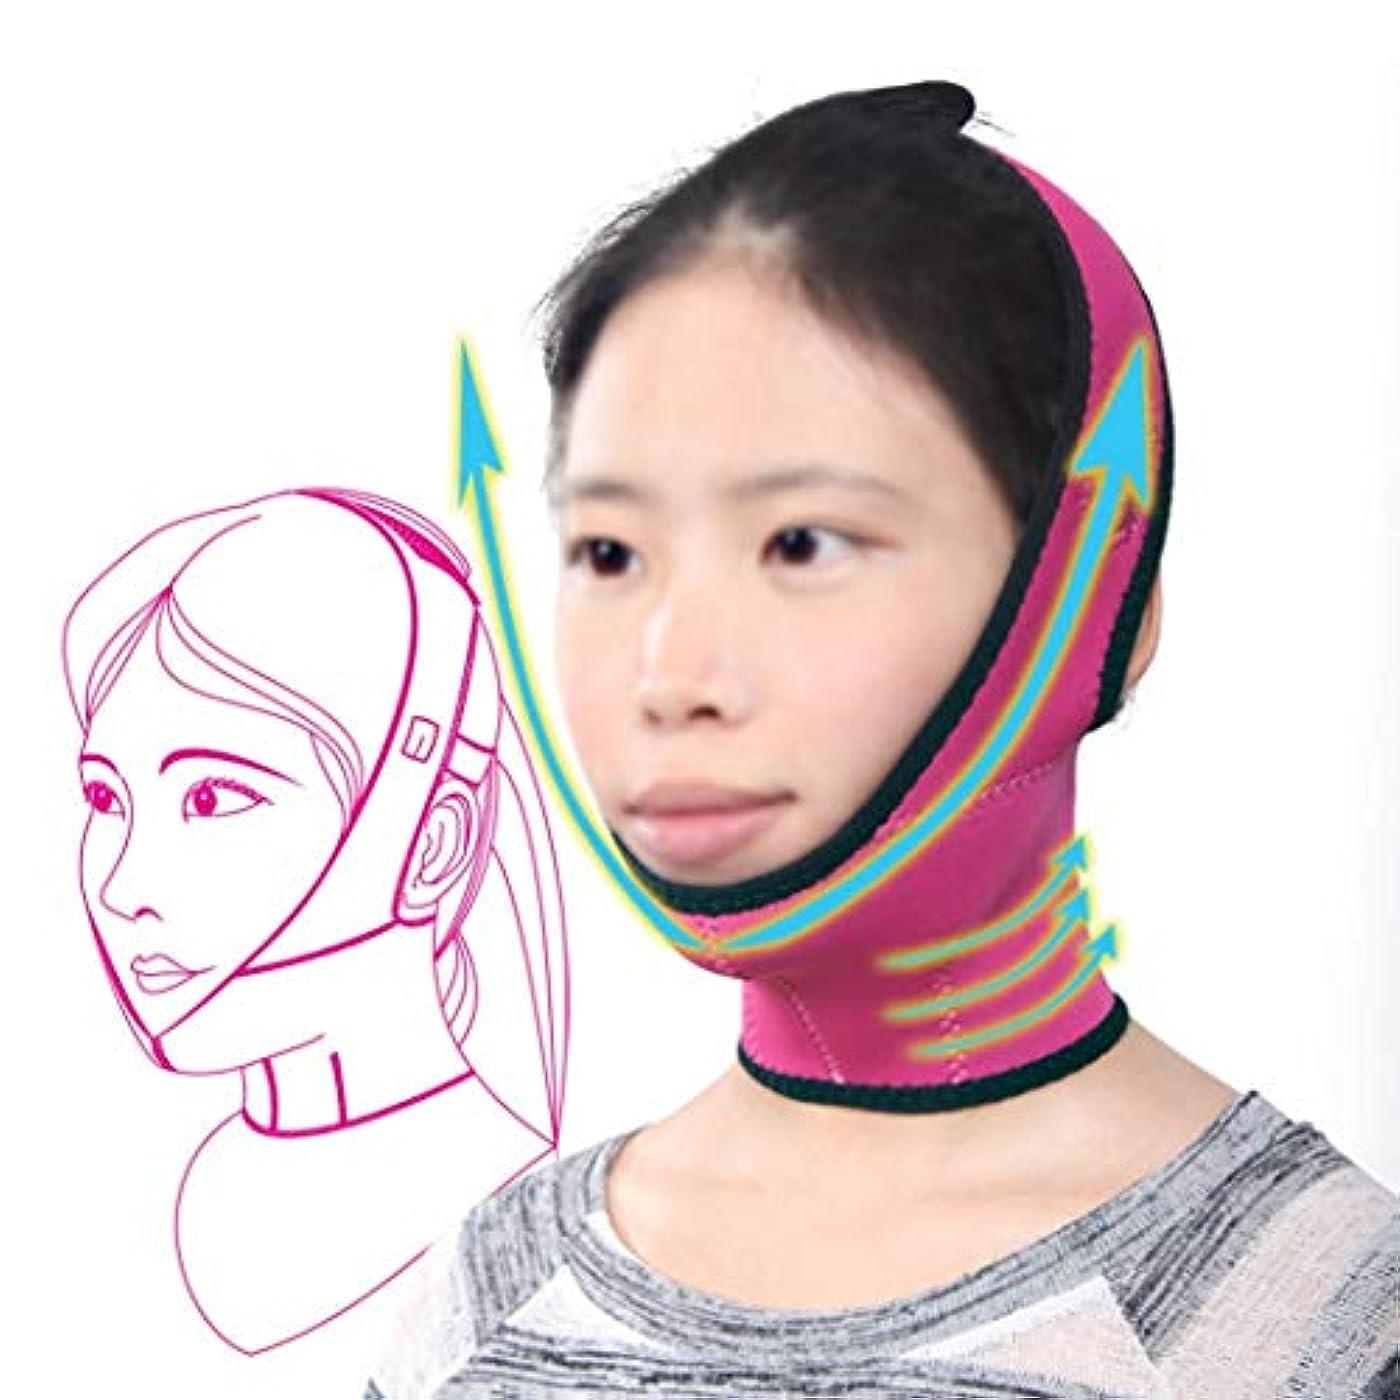 切り刻む排気拮抗フェイスリフトマスク、痩身ベルトフェイスマスク強力なリフティング小さなV顔薄い顔包帯美容フェイスリフティング顔小さな顔薄い顔マスク